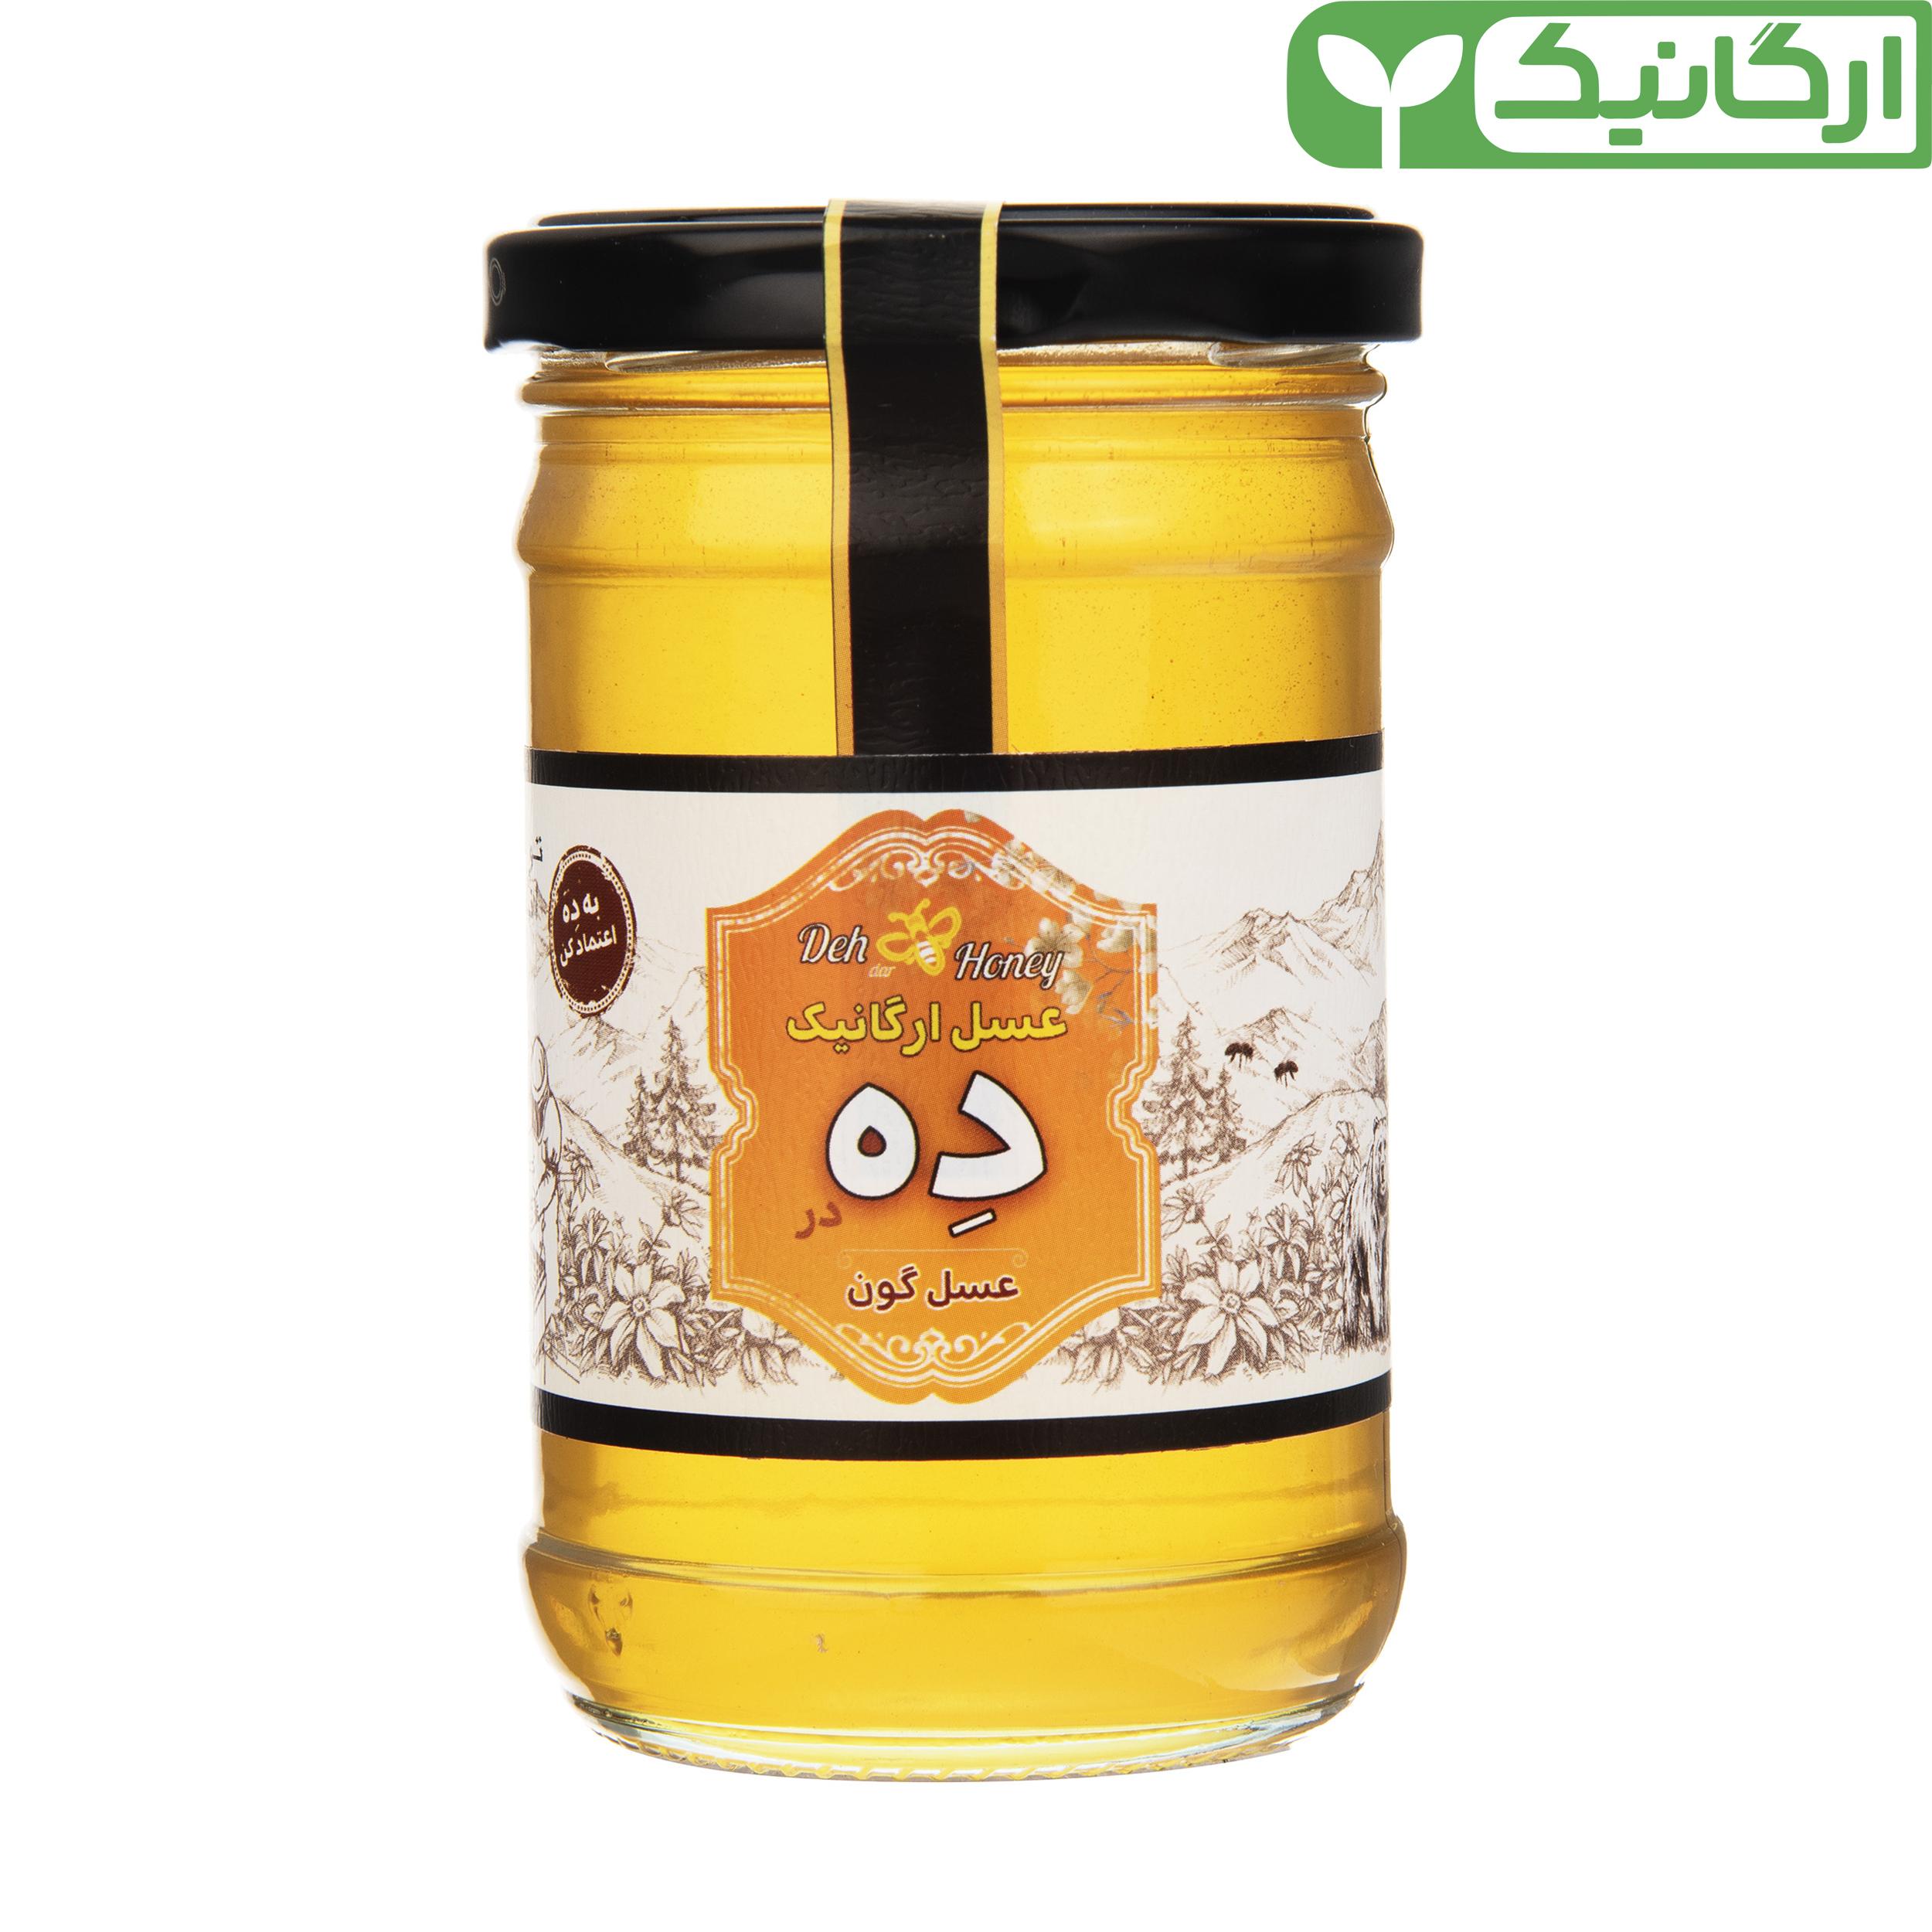 عسل گون ارگانیک ده در - 360 گرم